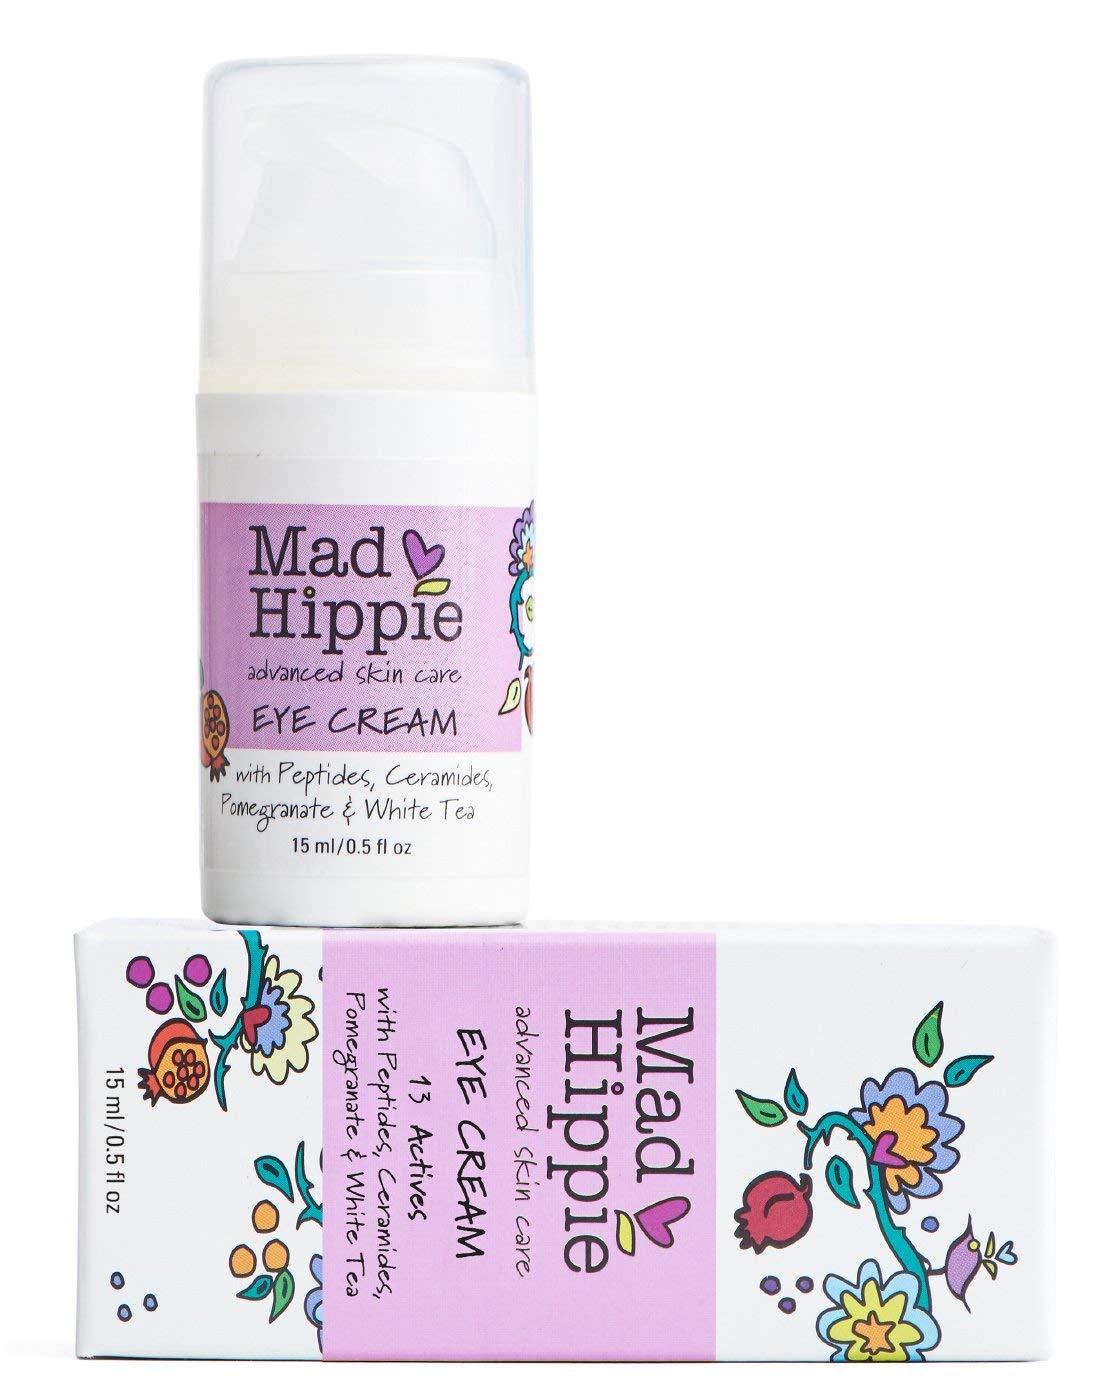 Mad Hippie Skin Case Eye Cream ($24.99)